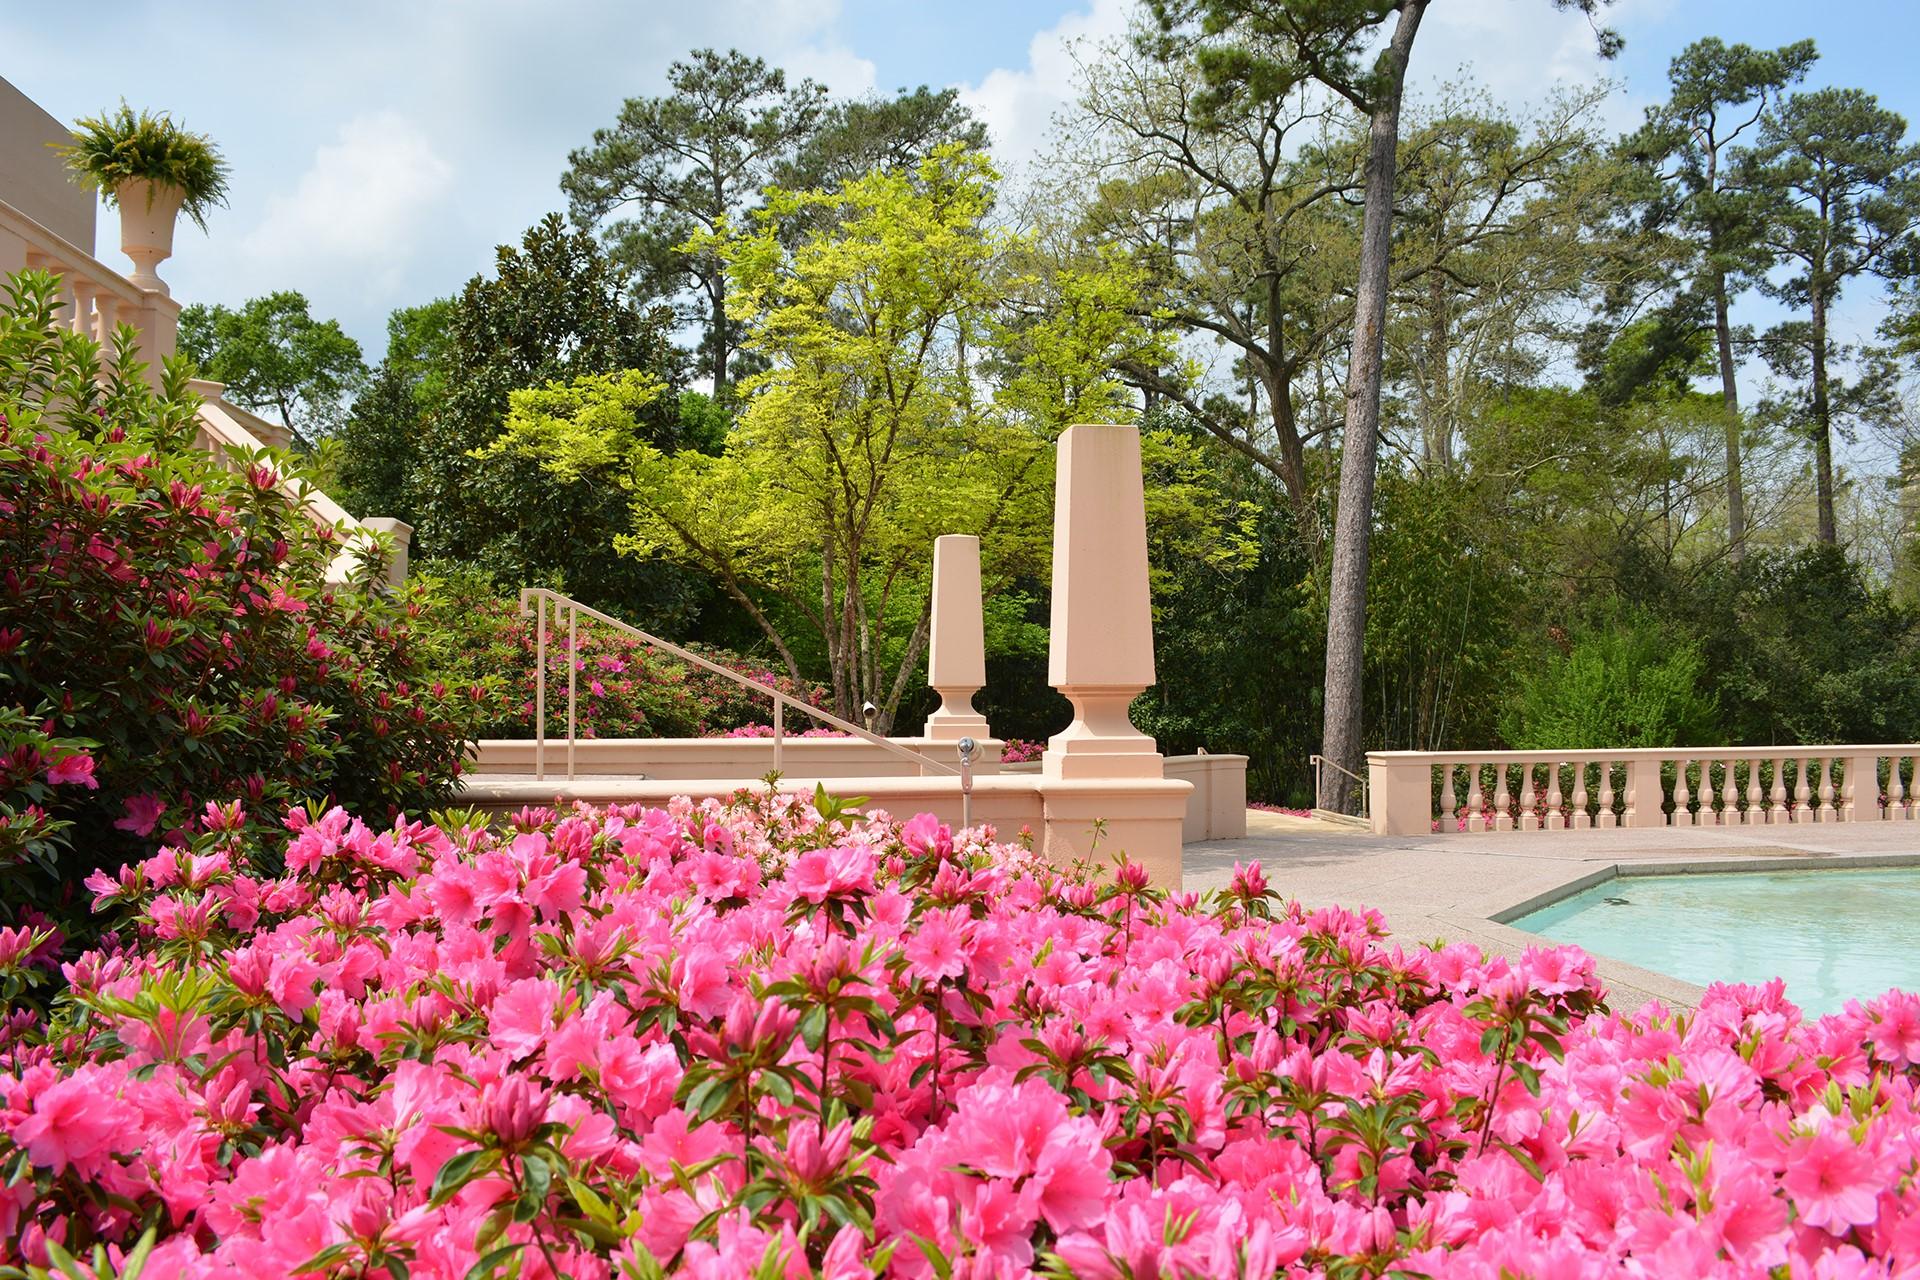 Rienzi - pool / gardens / azaleas